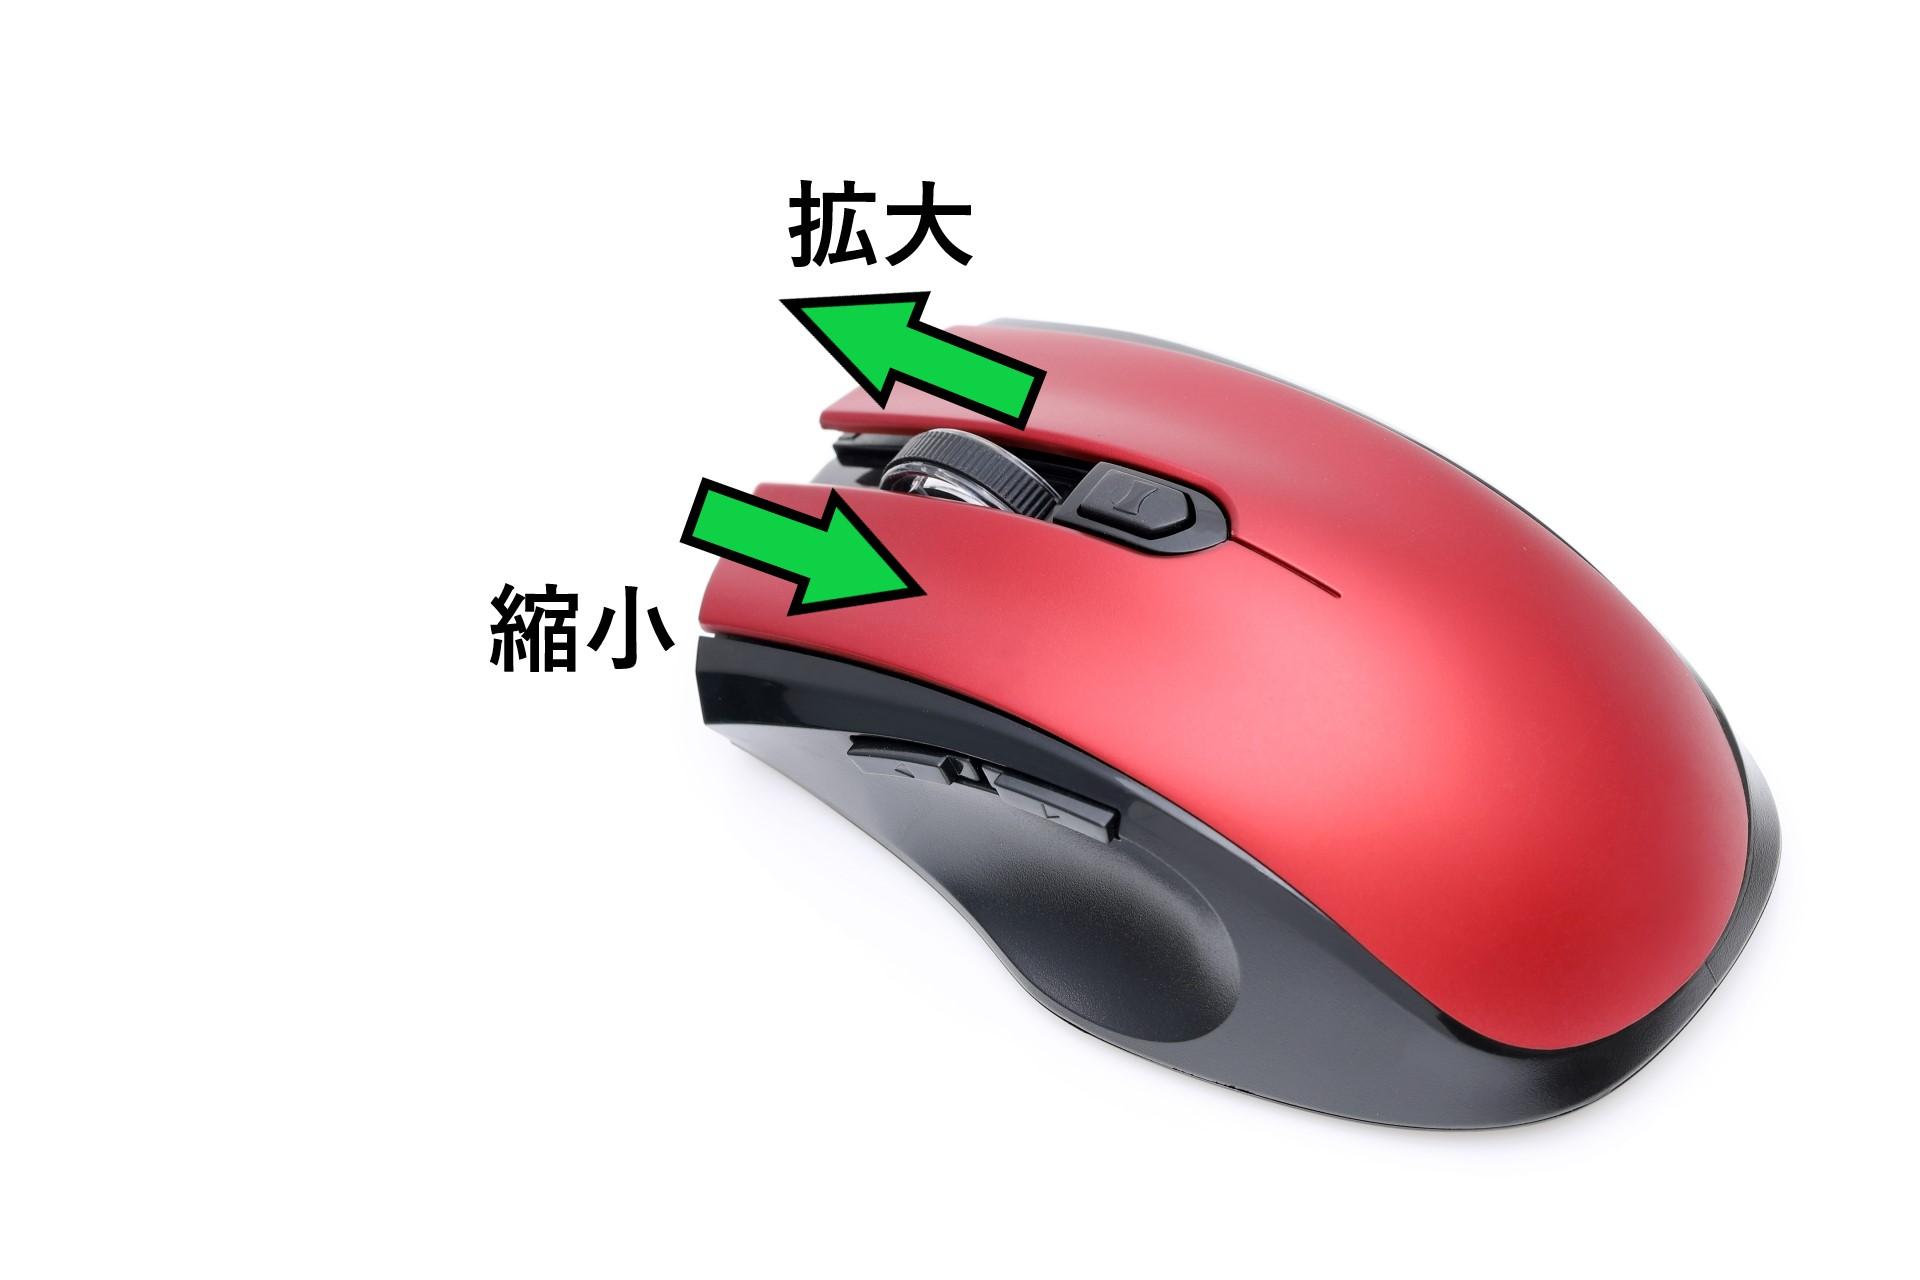 マウスの写真